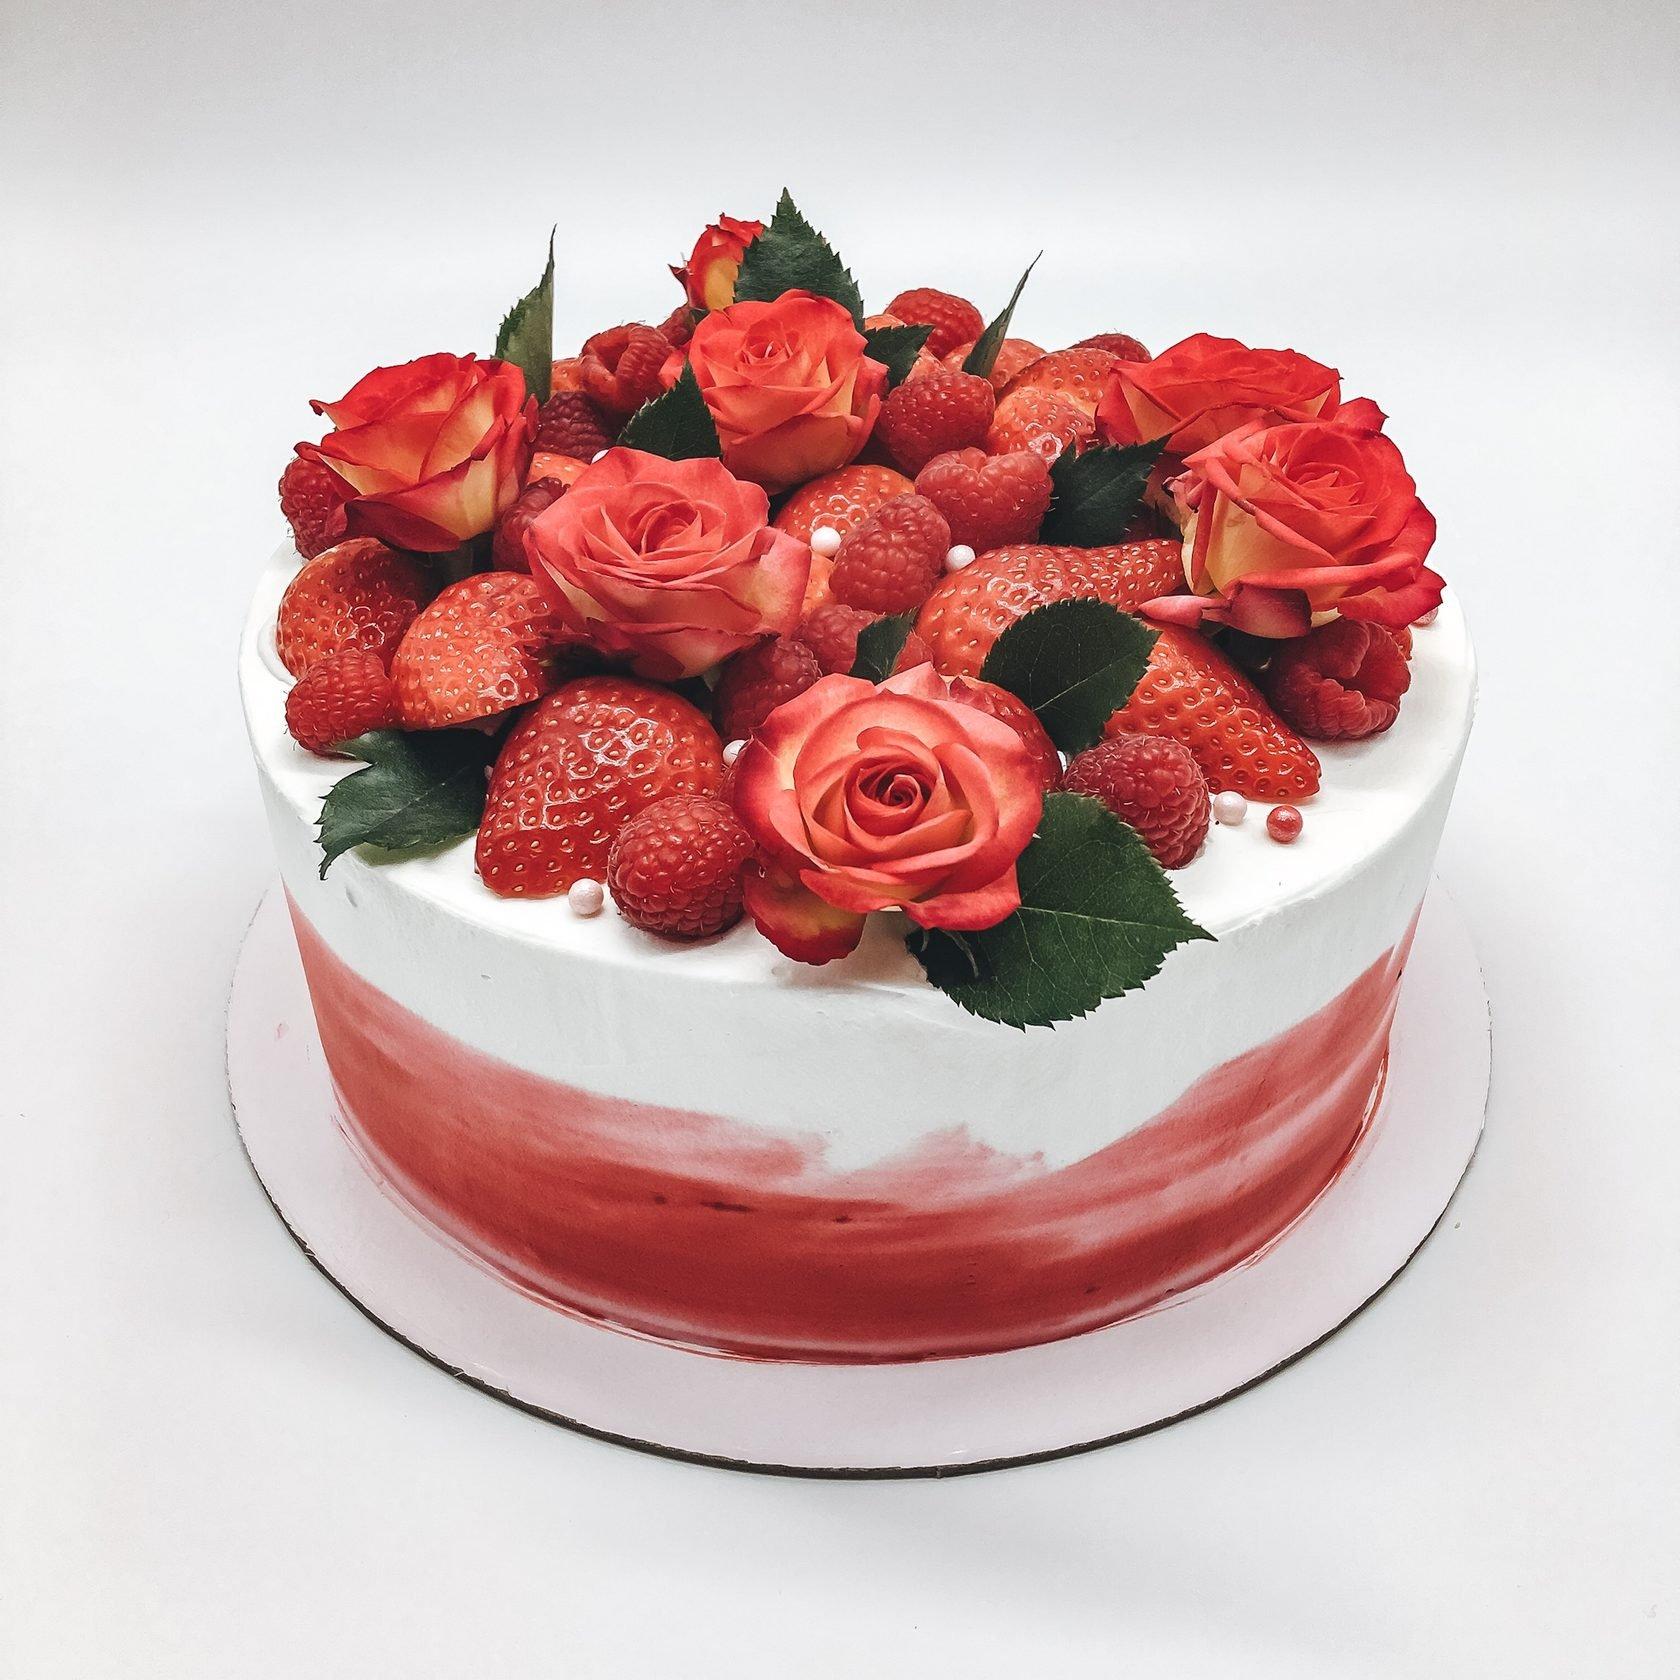 куб торты на заказ фото с днем рождения что